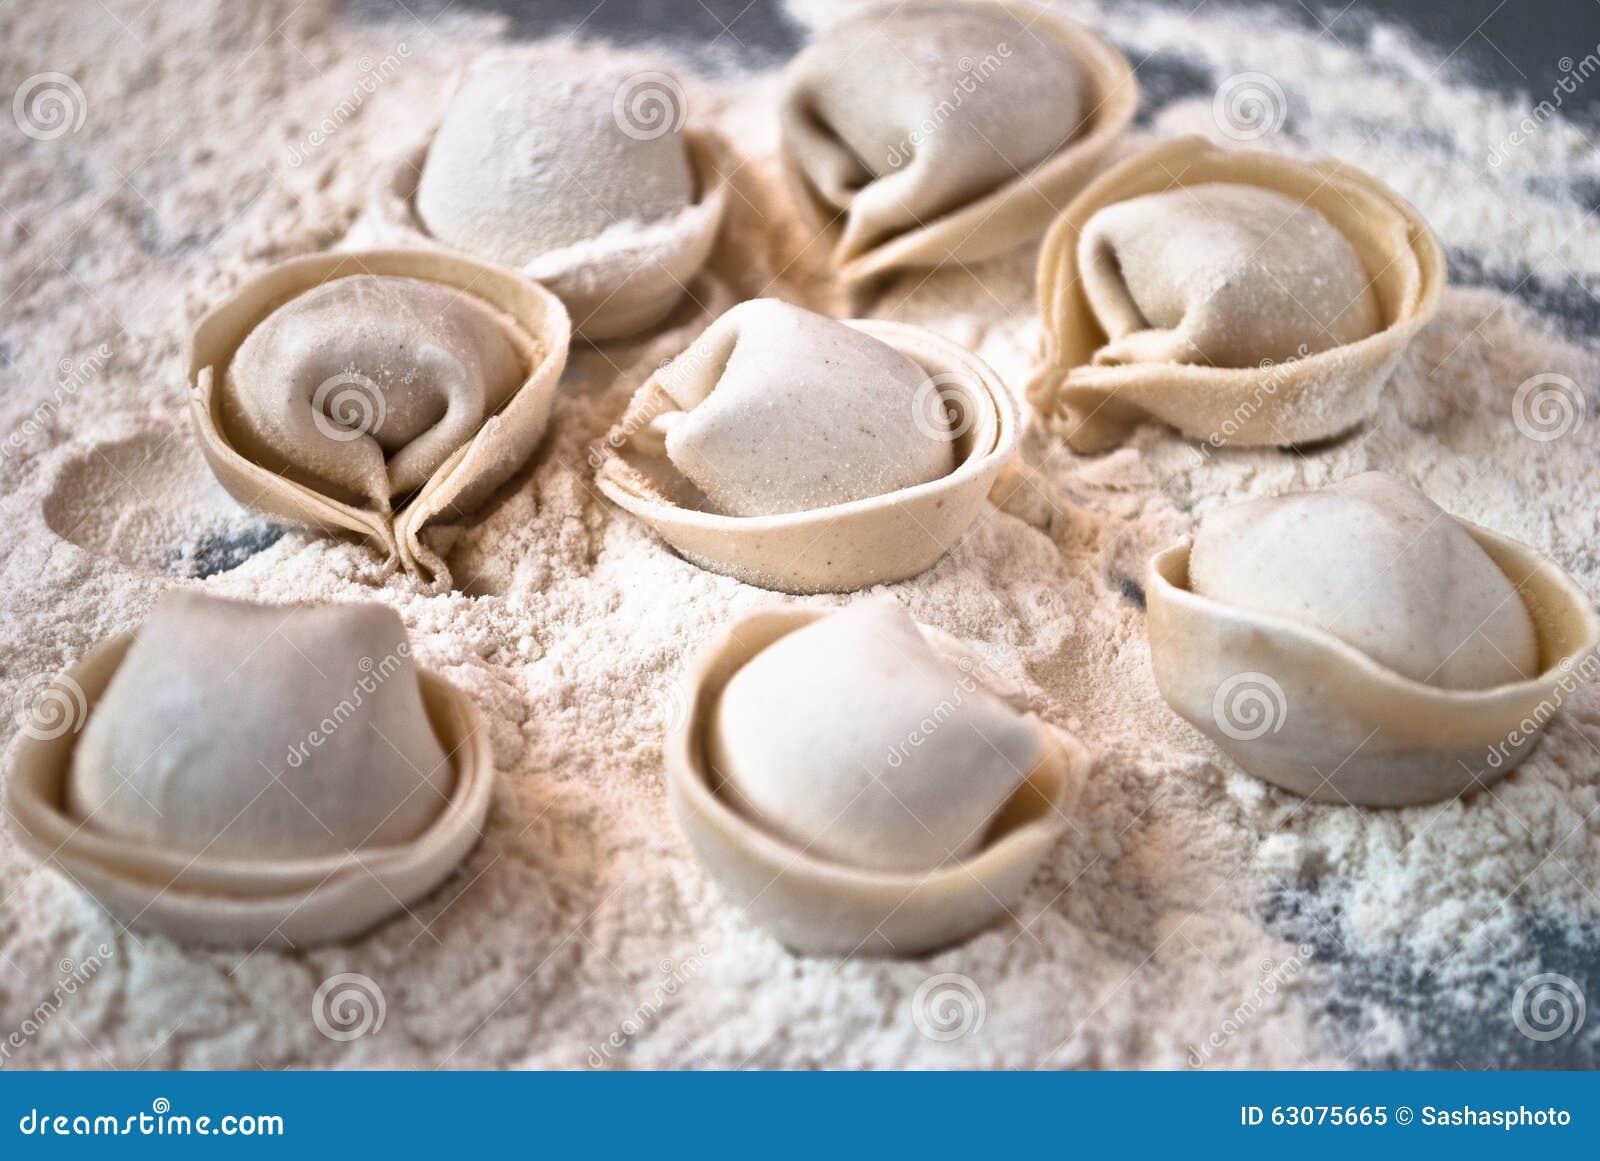 Download Pelmeni Fait Maison Sur Une Table Image stock - Image du fond, pâtisserie: 63075665